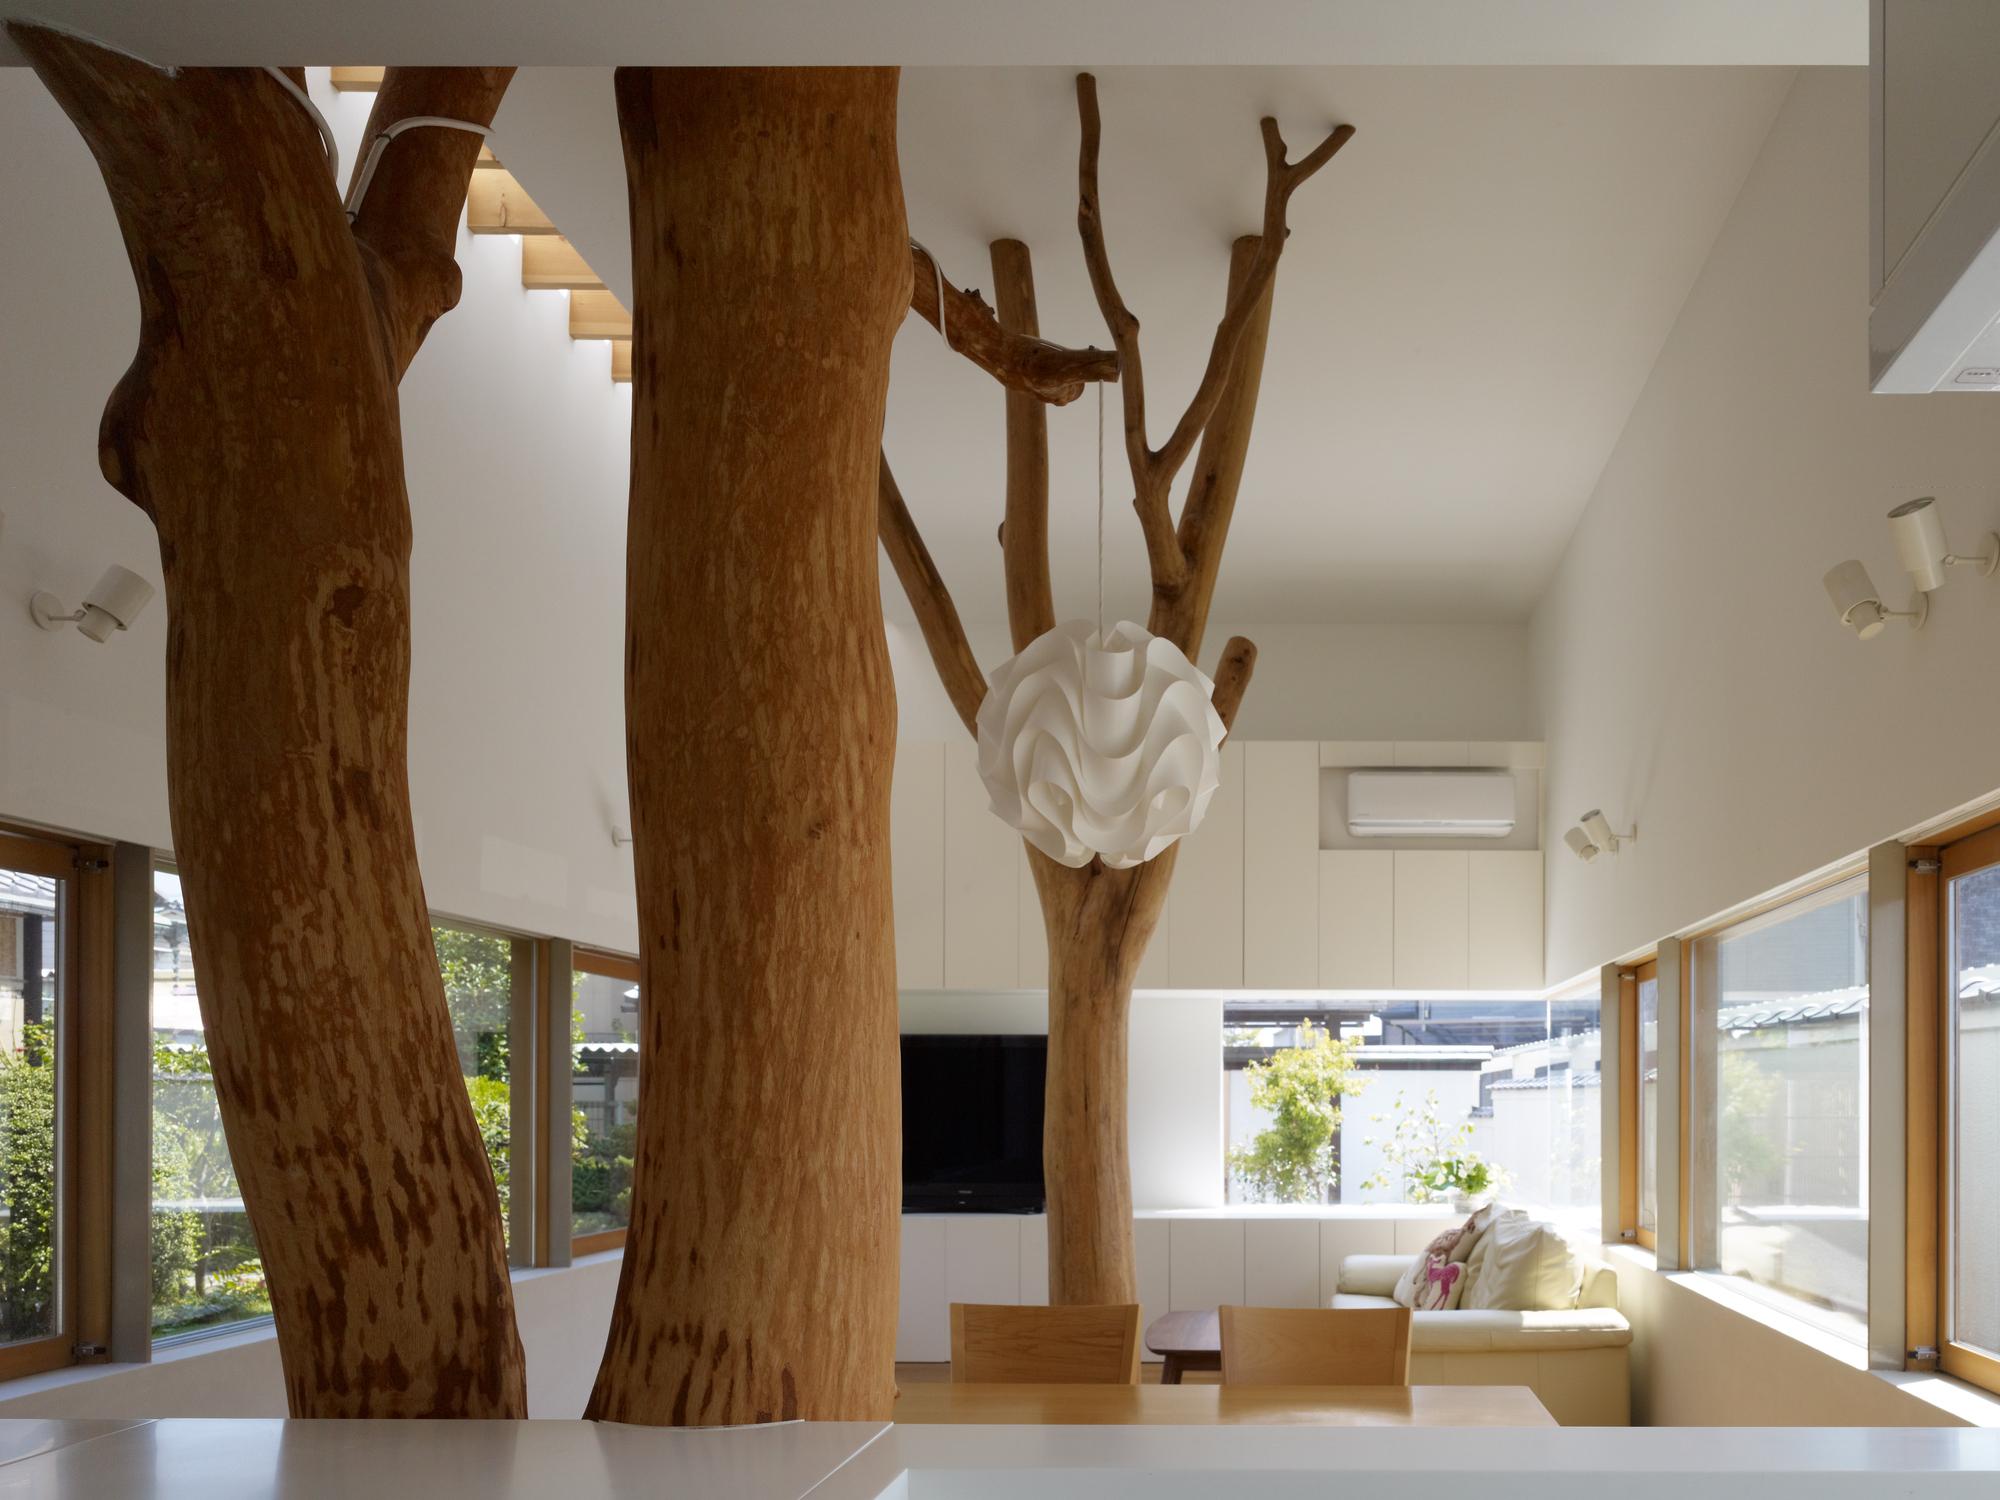 Современный дизайн помещения с натуральным деревом